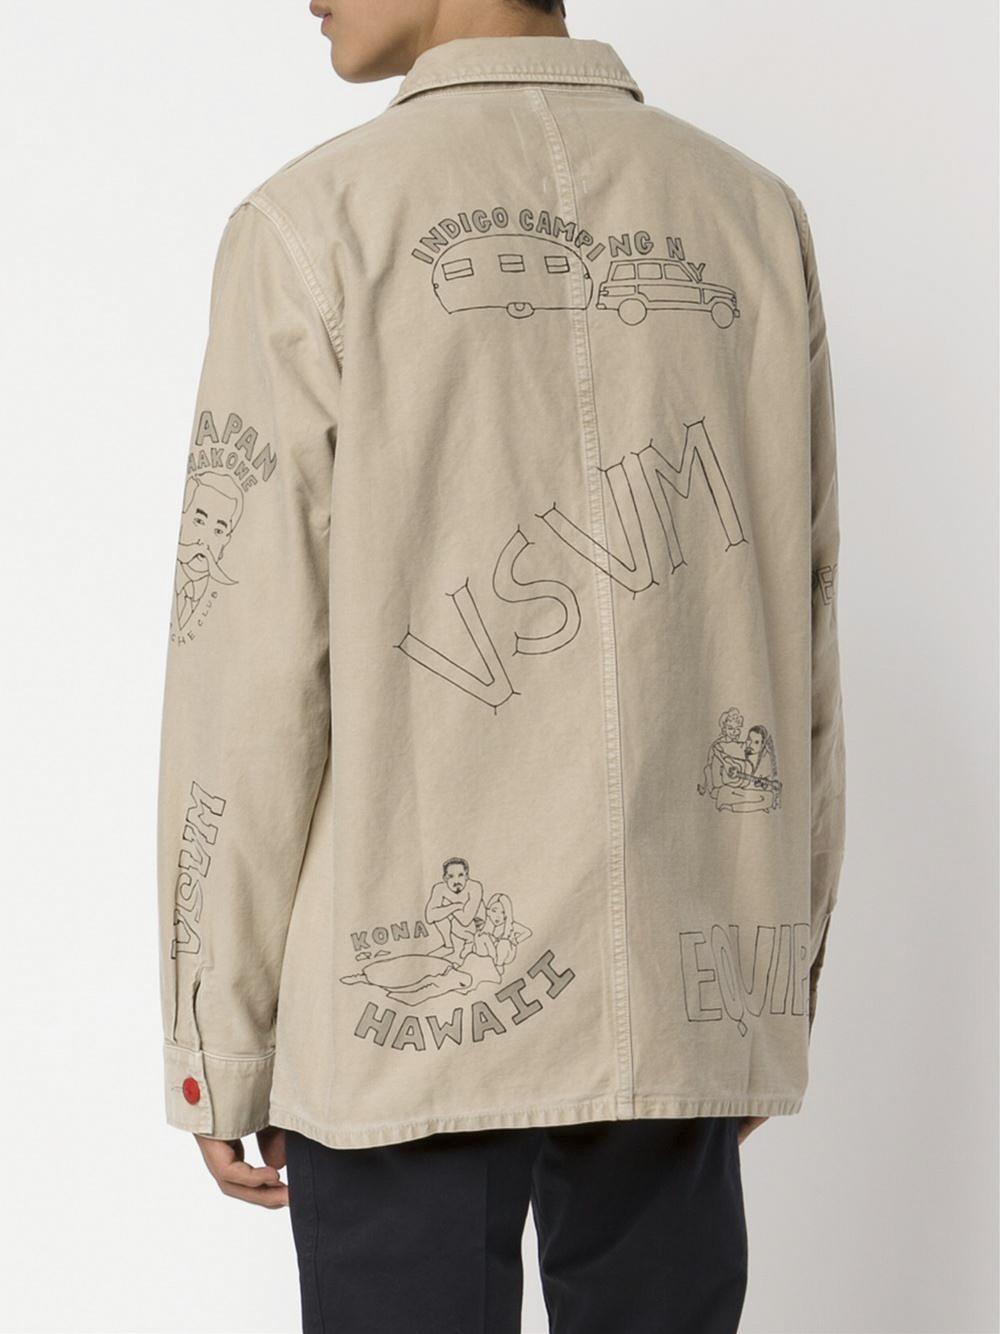 Visvim Cotton Doodle Shirt Jacket in Natural for Men